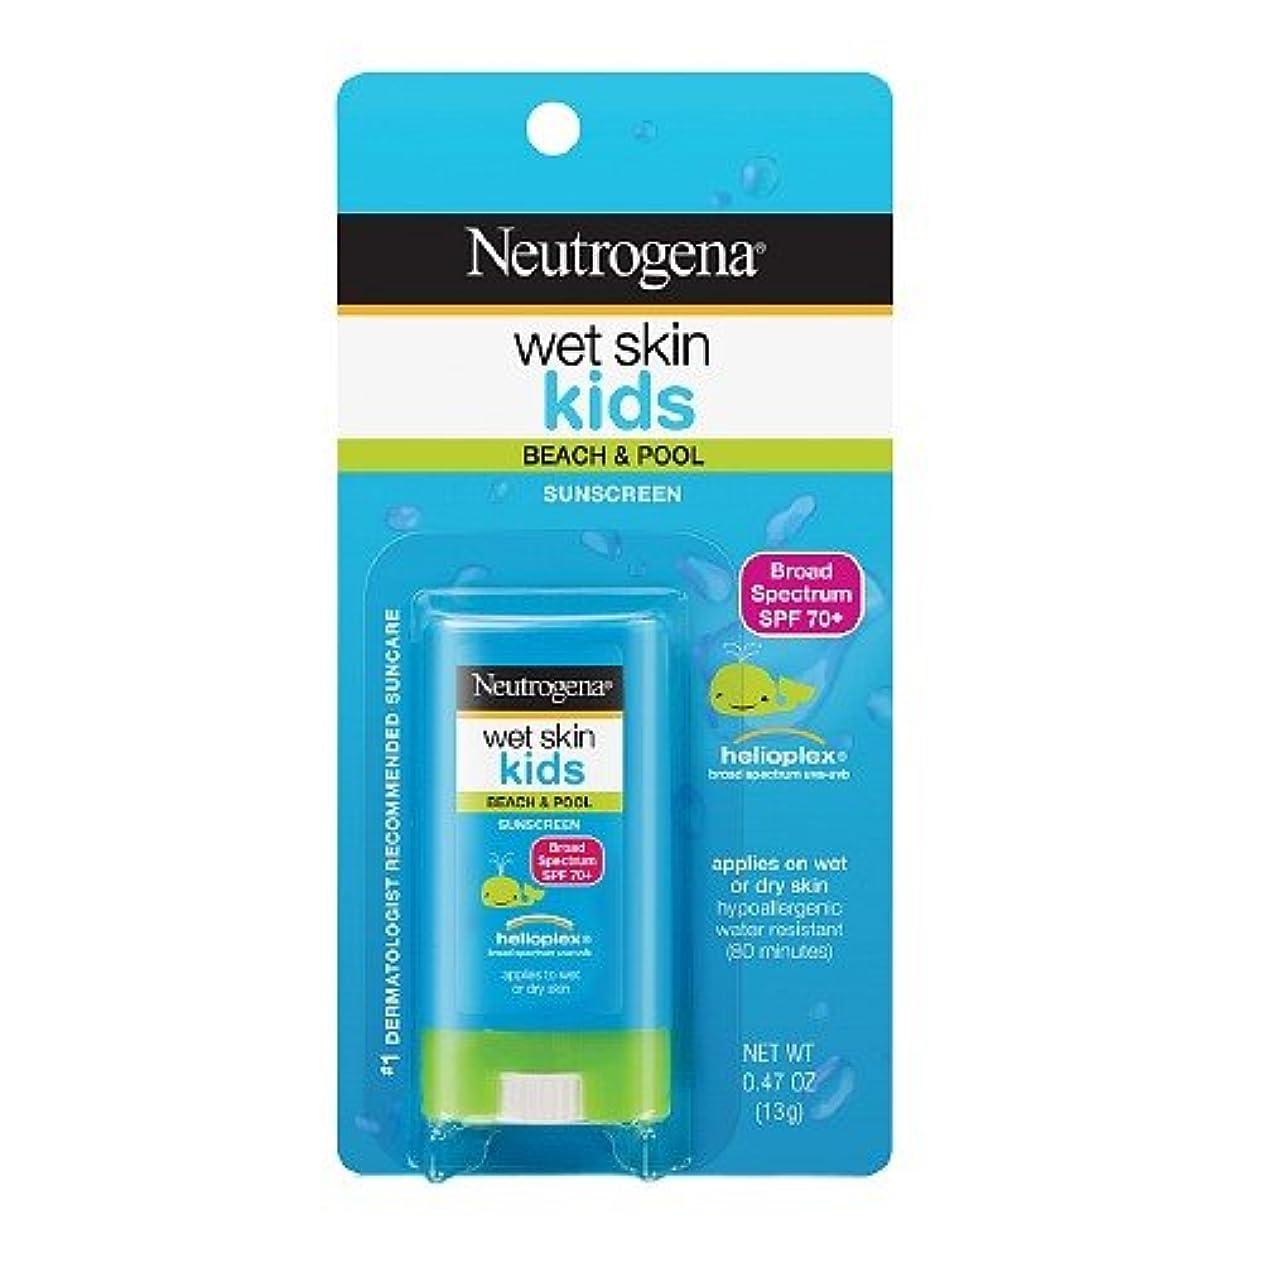 尊敬置くためにパックどこにもNeutrogena ニュートロジーナオイル無ウェットスキンキッズ日焼け止めスティック SPF70 13g 並行輸入品